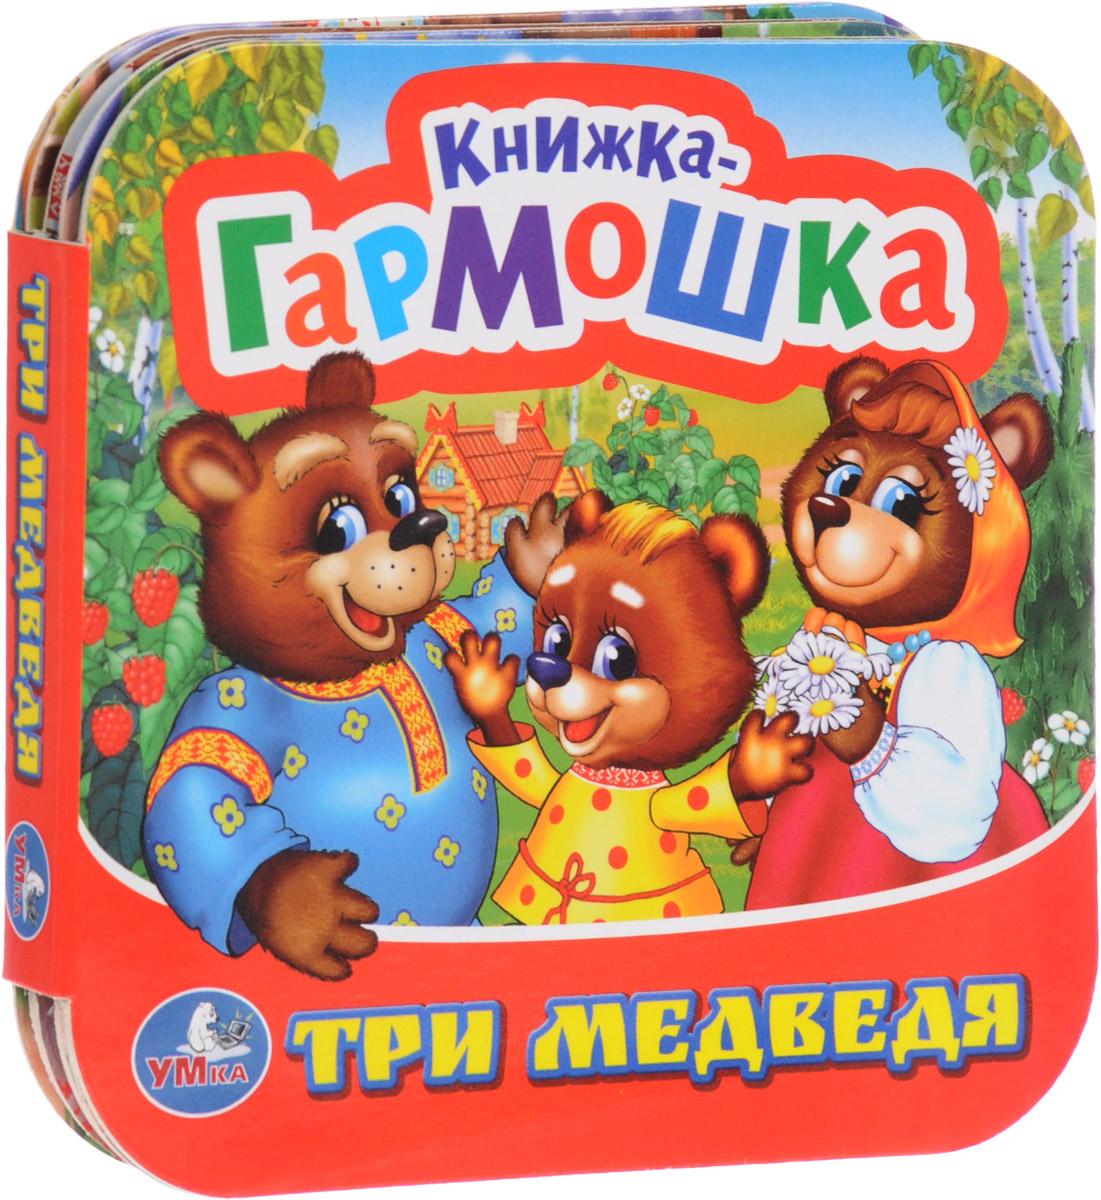 Три медведя животные полюсов книжка гармошка